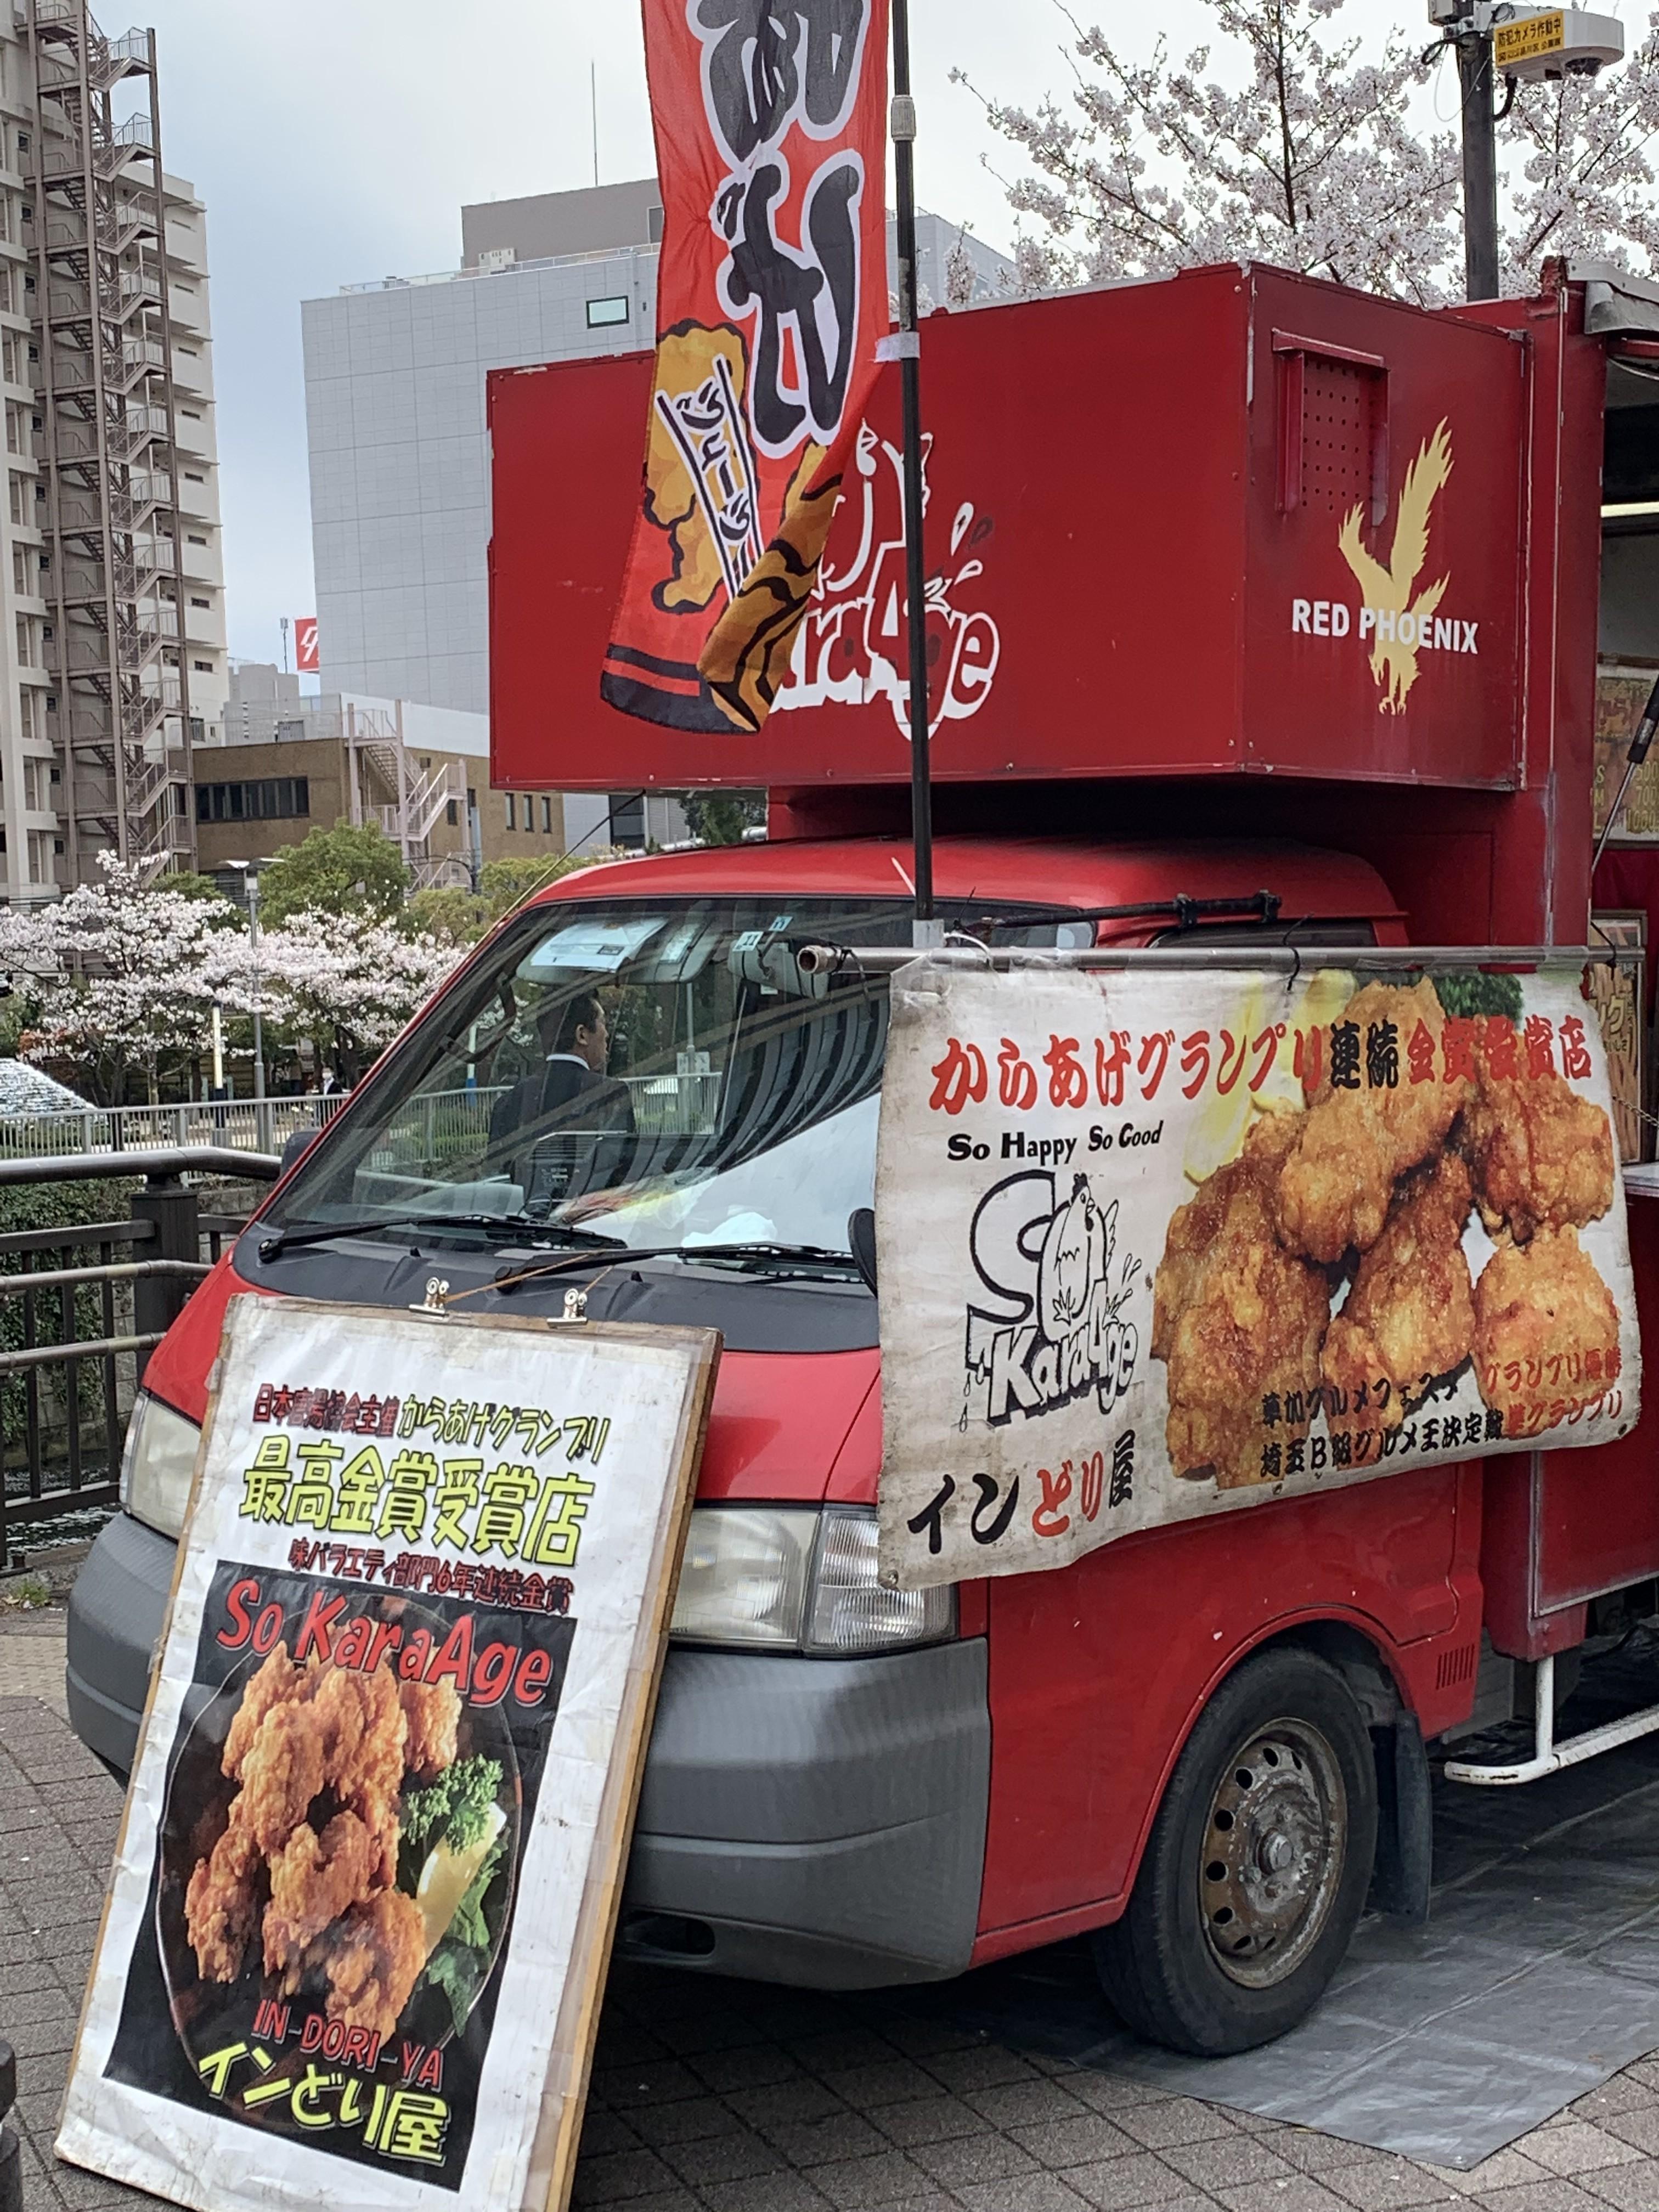 【五反田】さくらてらす前ワゴン/インどり屋/最強の唐揚げ店が期間限定出店中。急げ!